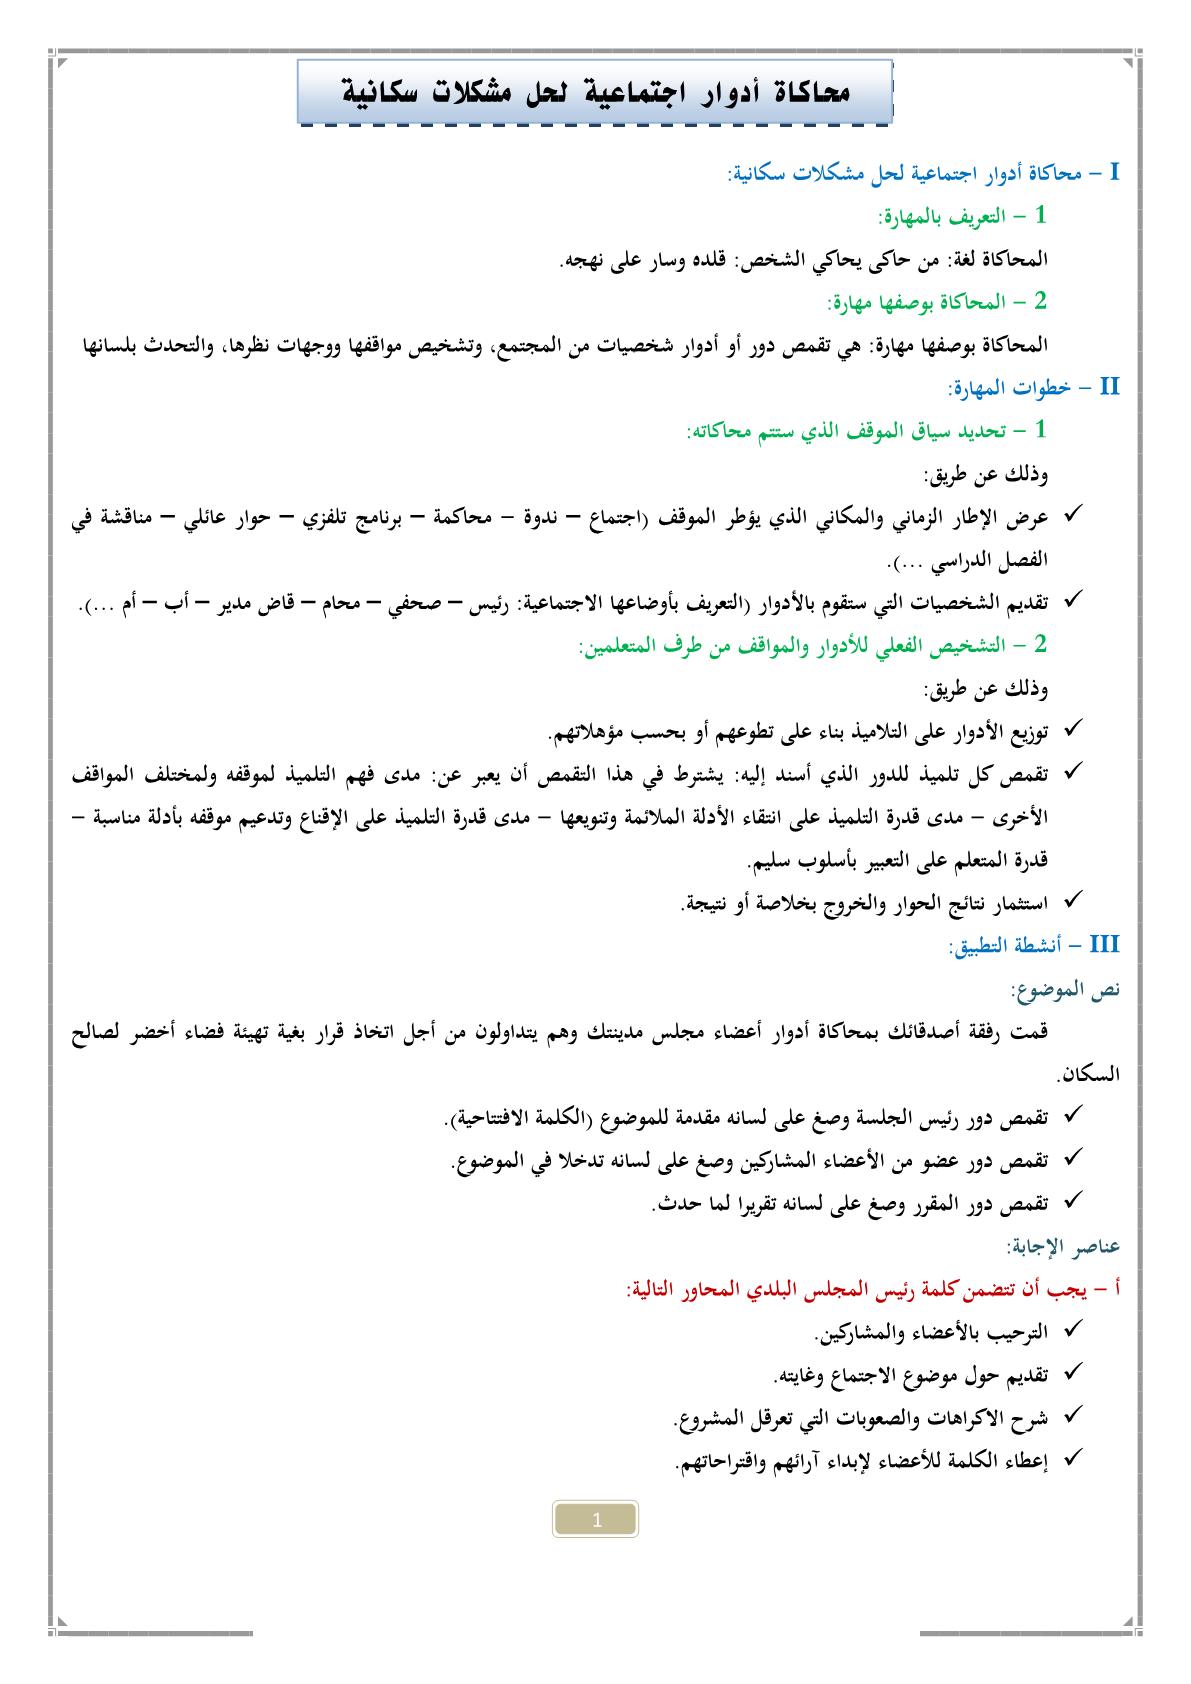 درس محاكاة أدوار اجتماعية لحل مشكلات سكانية مادة اللغة العربية للسنة الثانية إعدادي